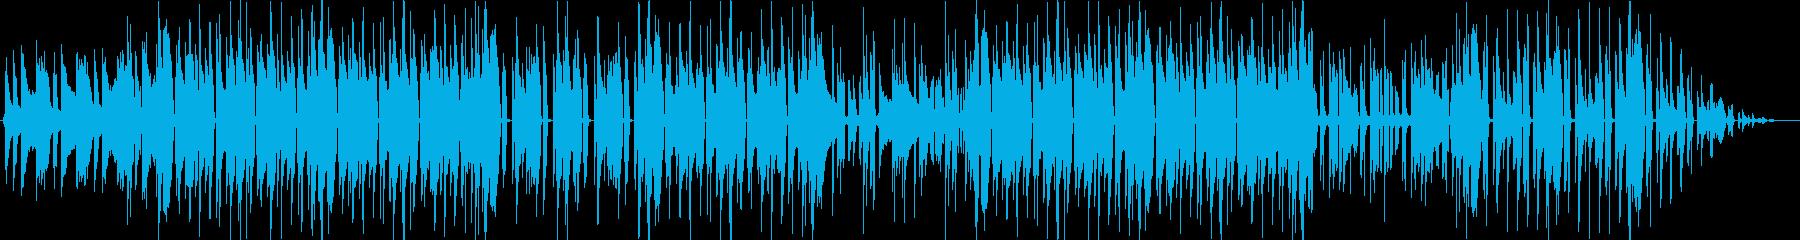 [オシャレ]Jazzy HipHopの再生済みの波形